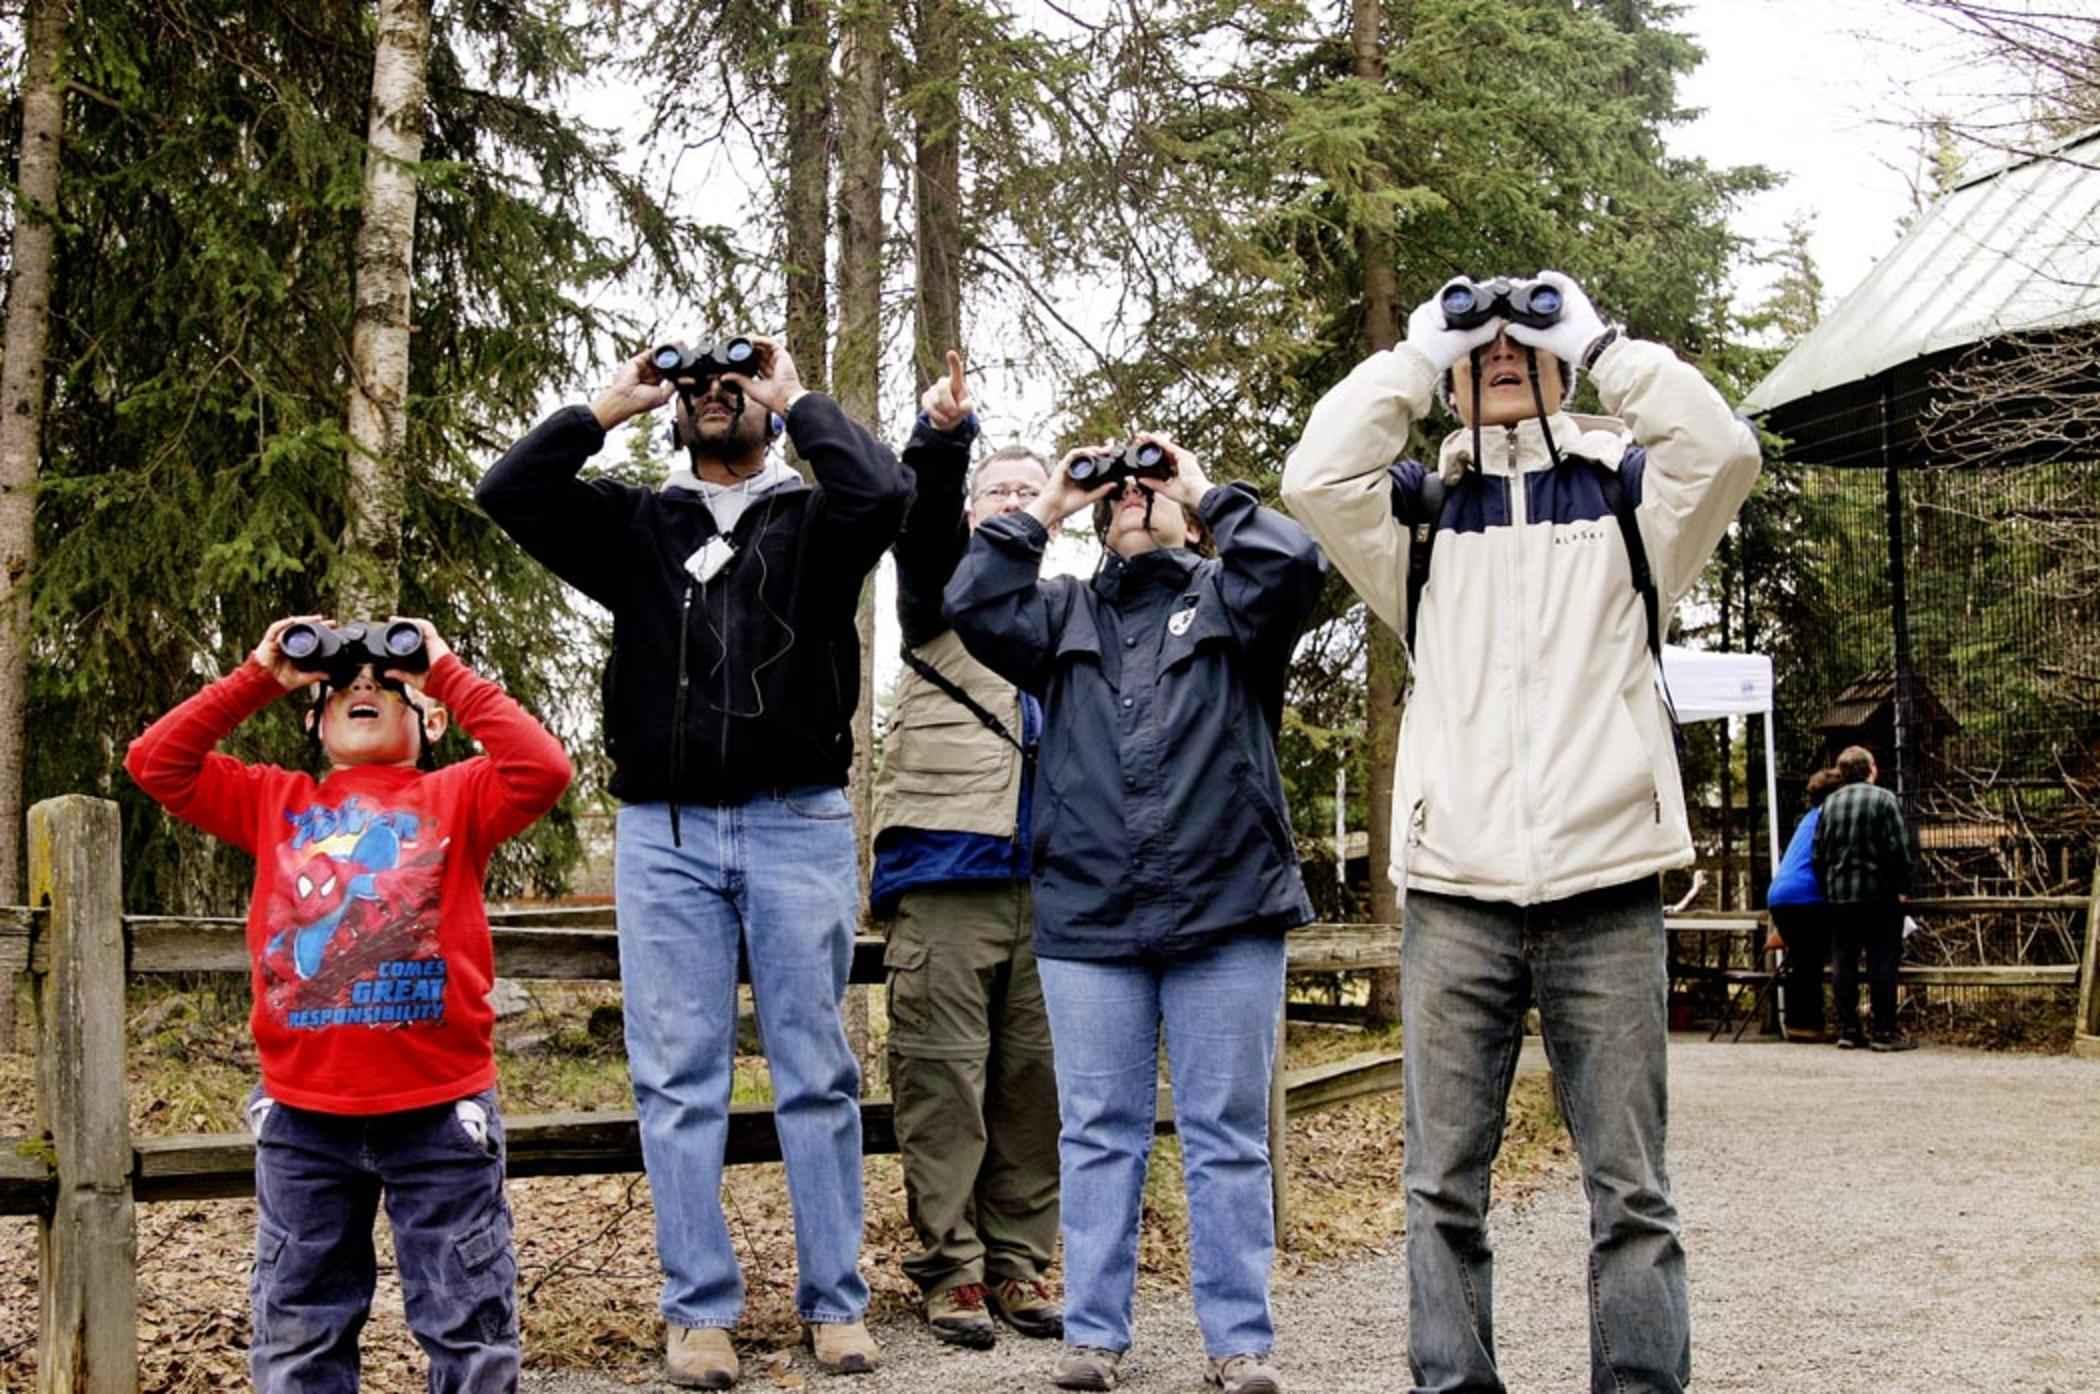 File:Group Of People Look Through Binoculars.jpg